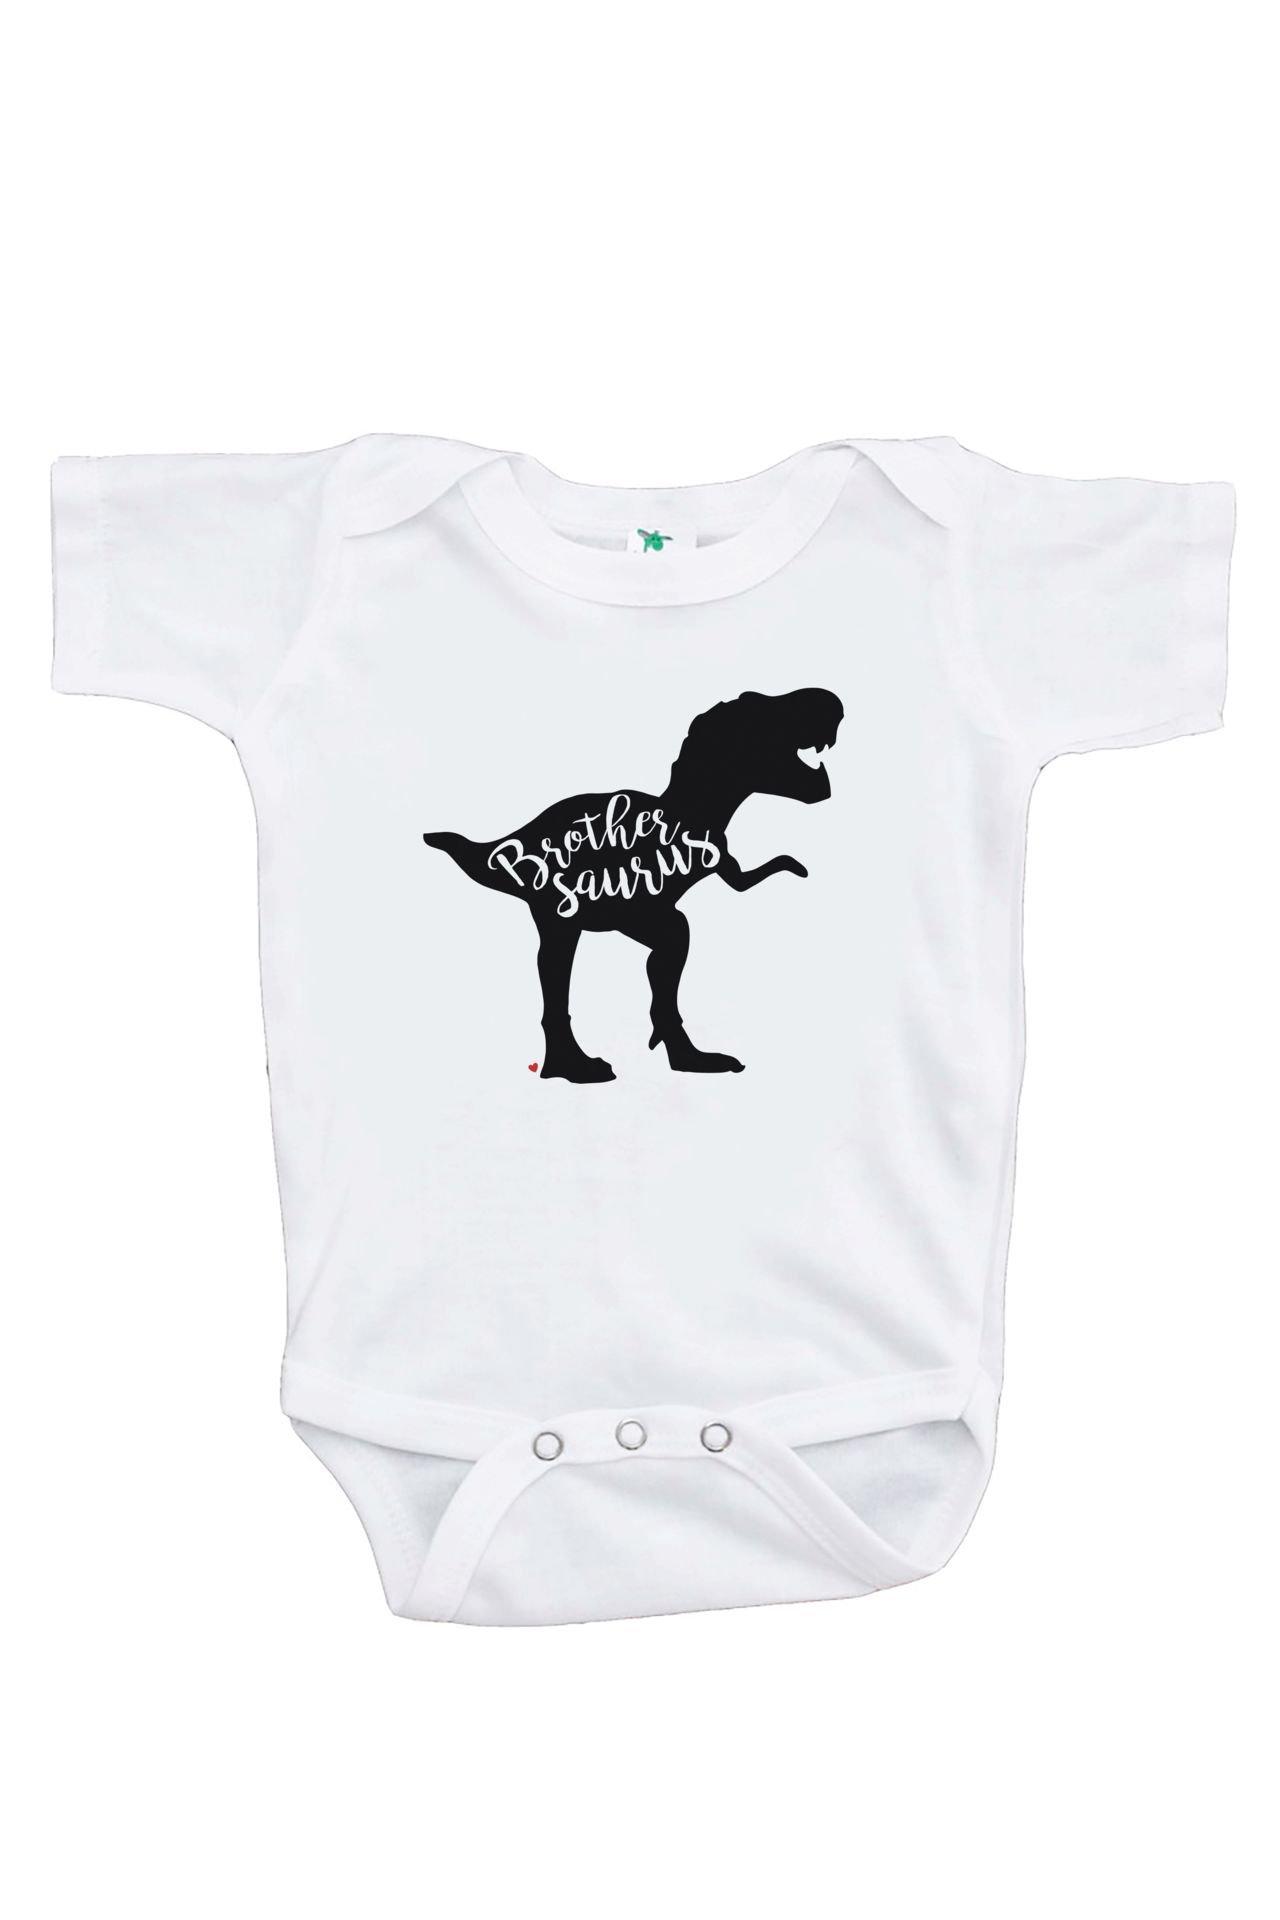 7 ate 9 Apparel Baby's Dinosaur Brothersaurus Onepiece